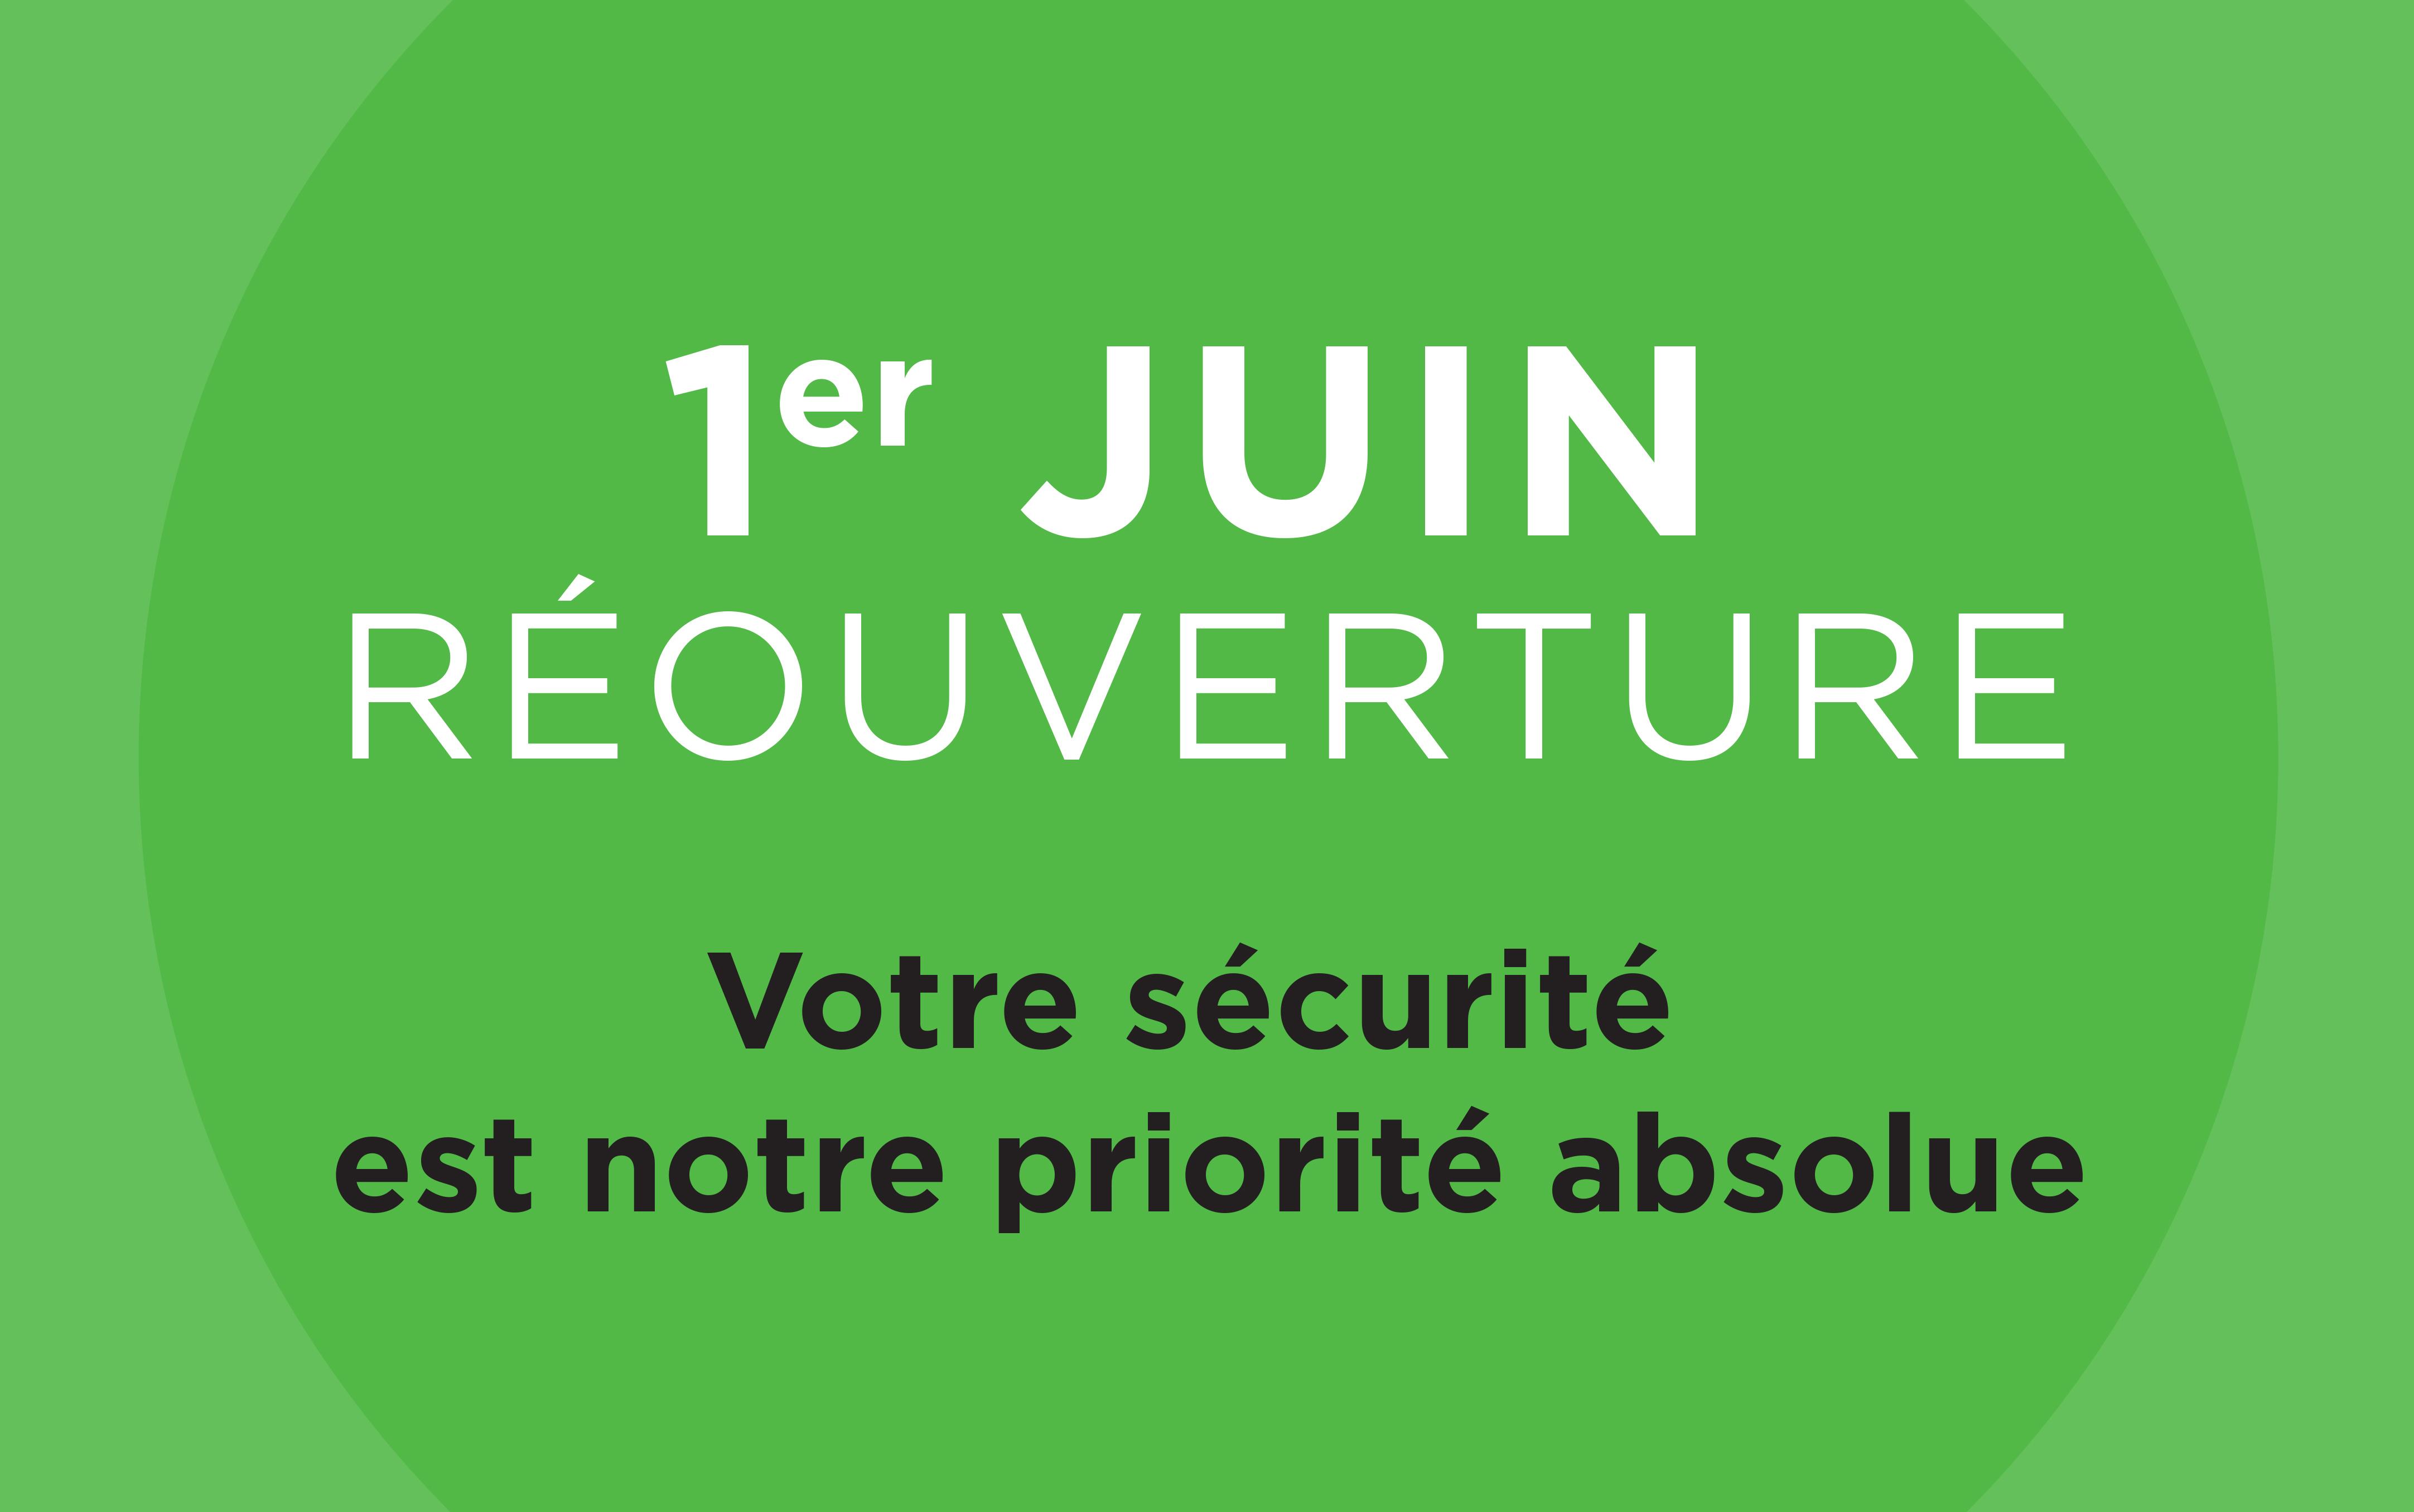 Centres_reouverture_web-1